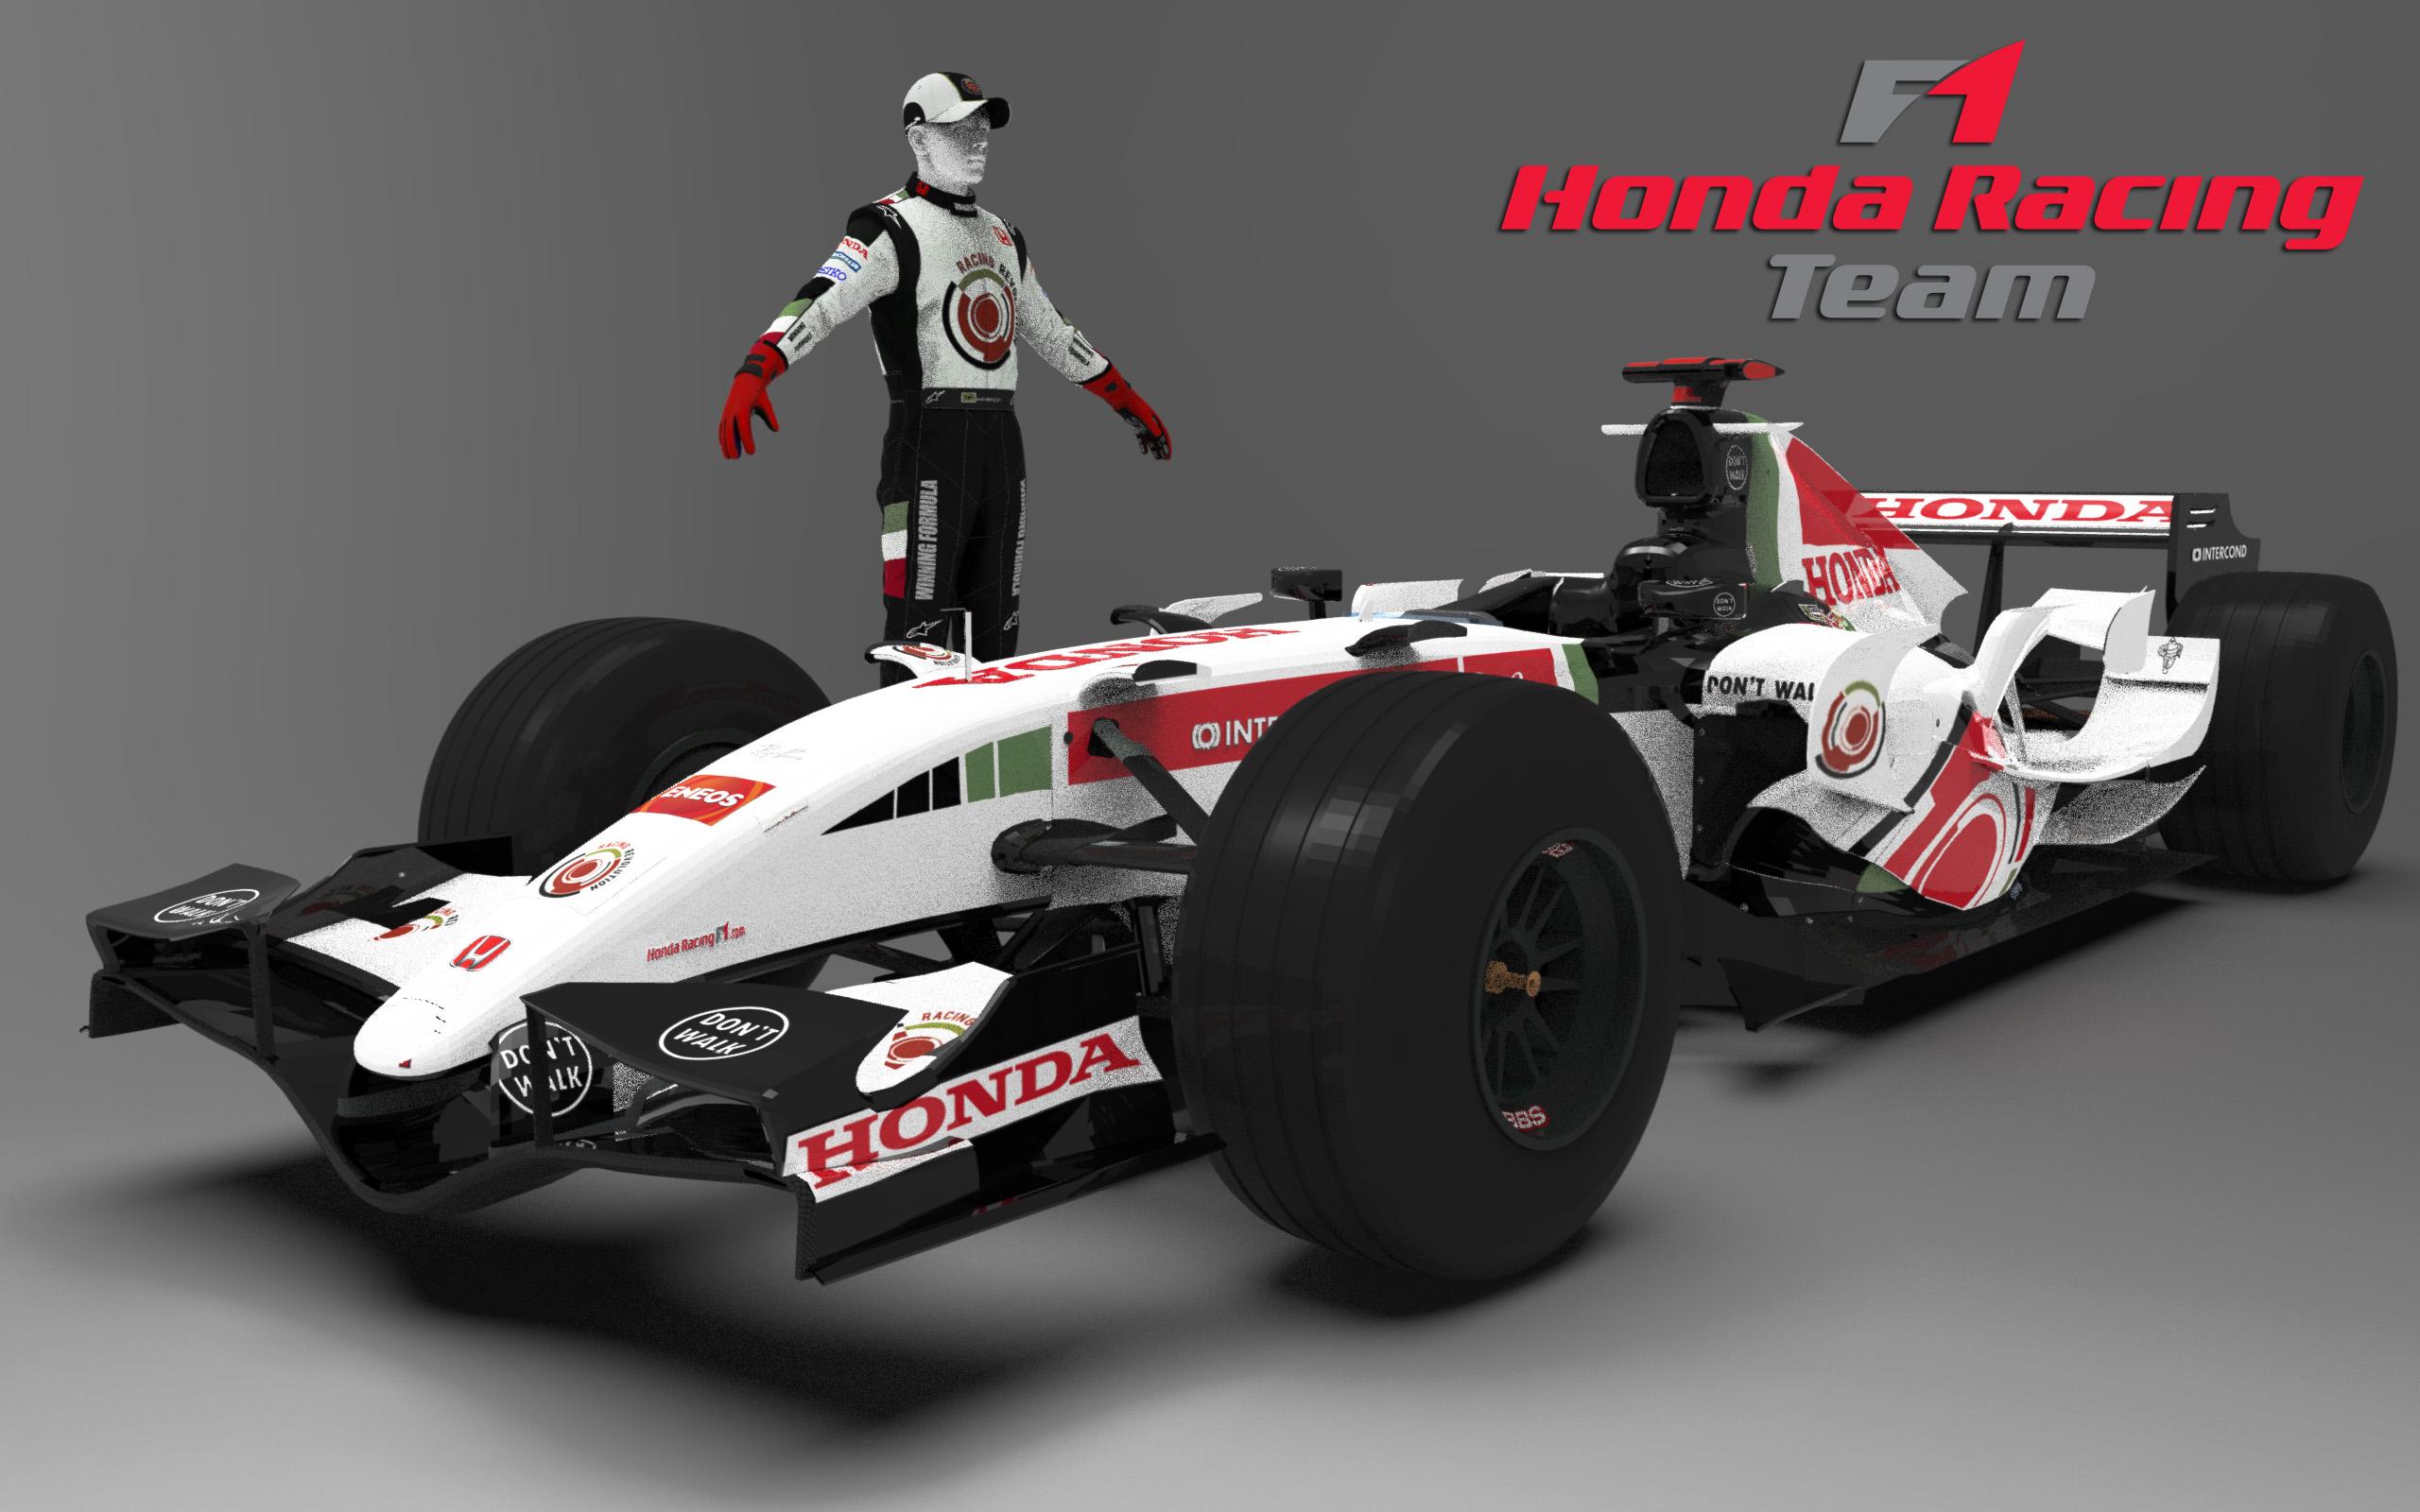 Honda_Racing_F1_001.jpg